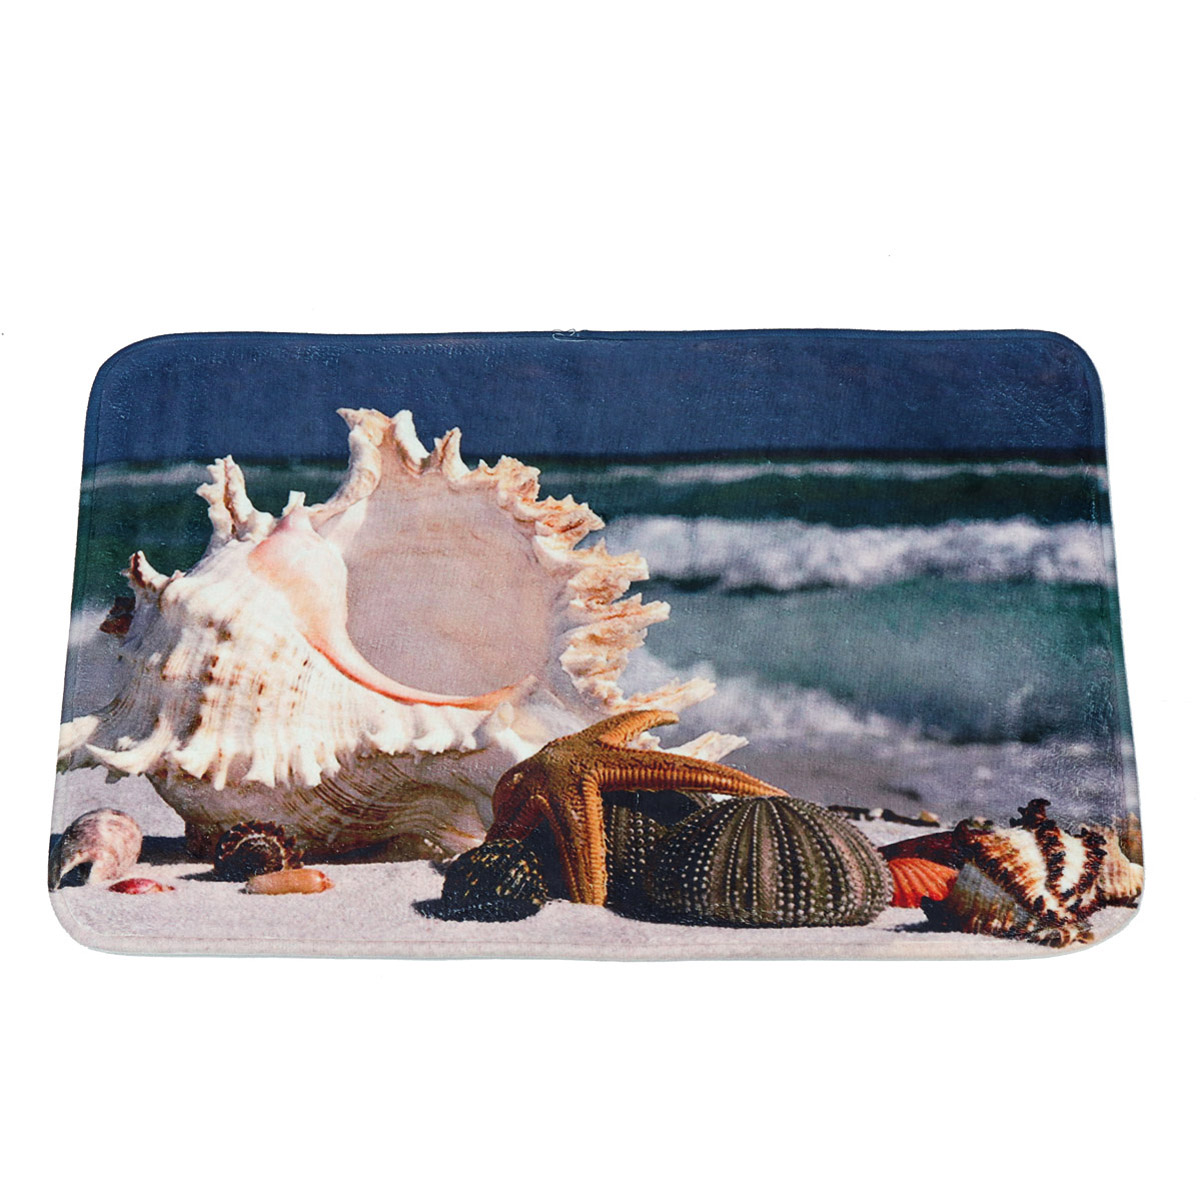 """Shark In Ocean Flannel Bathroom Rug Non-Slip Floor Door Mat 16x24/"""""""